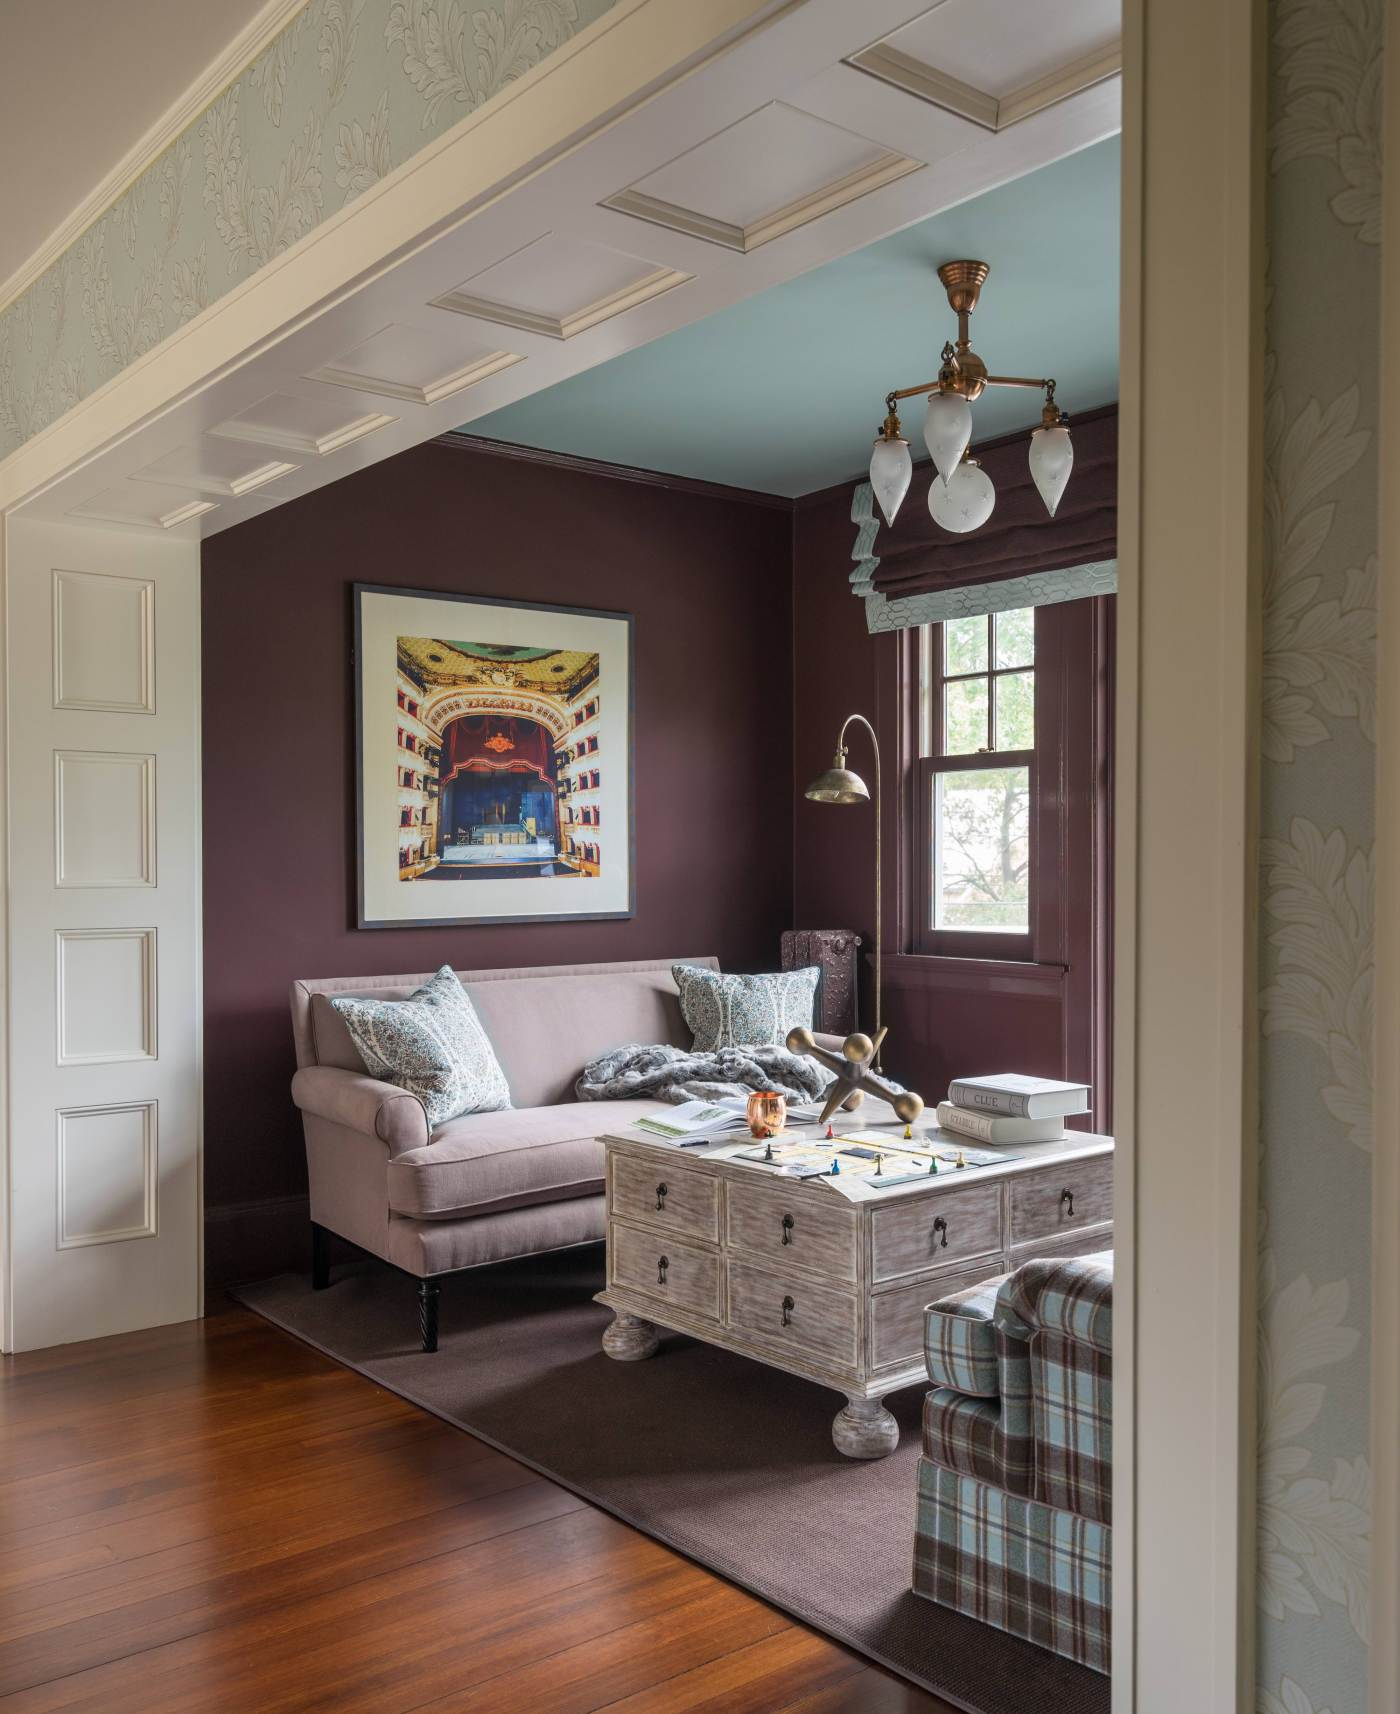 image from interiorsforfamilies.com